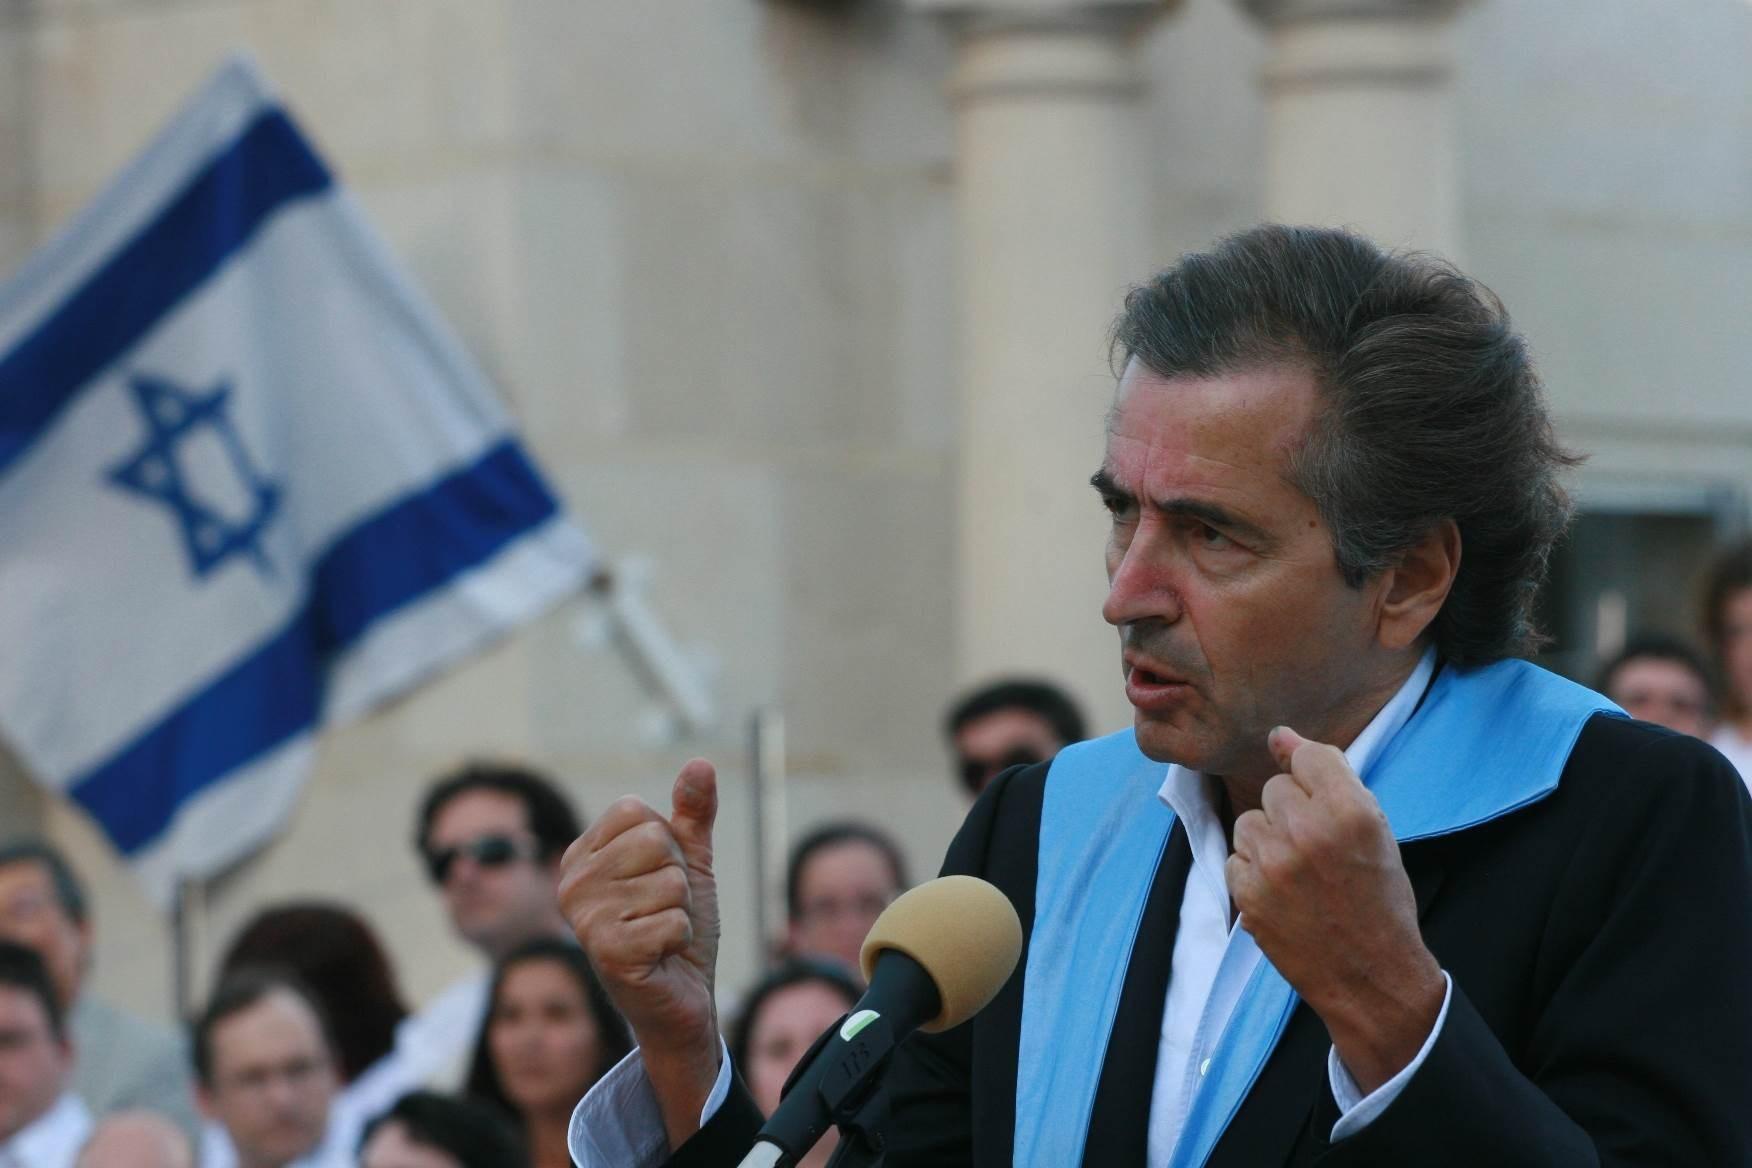 عُرف برنارد ليفي بمواقفه المحرّضة ضد بعض الحكومات العربية، ومواقفه الداعمة لـ